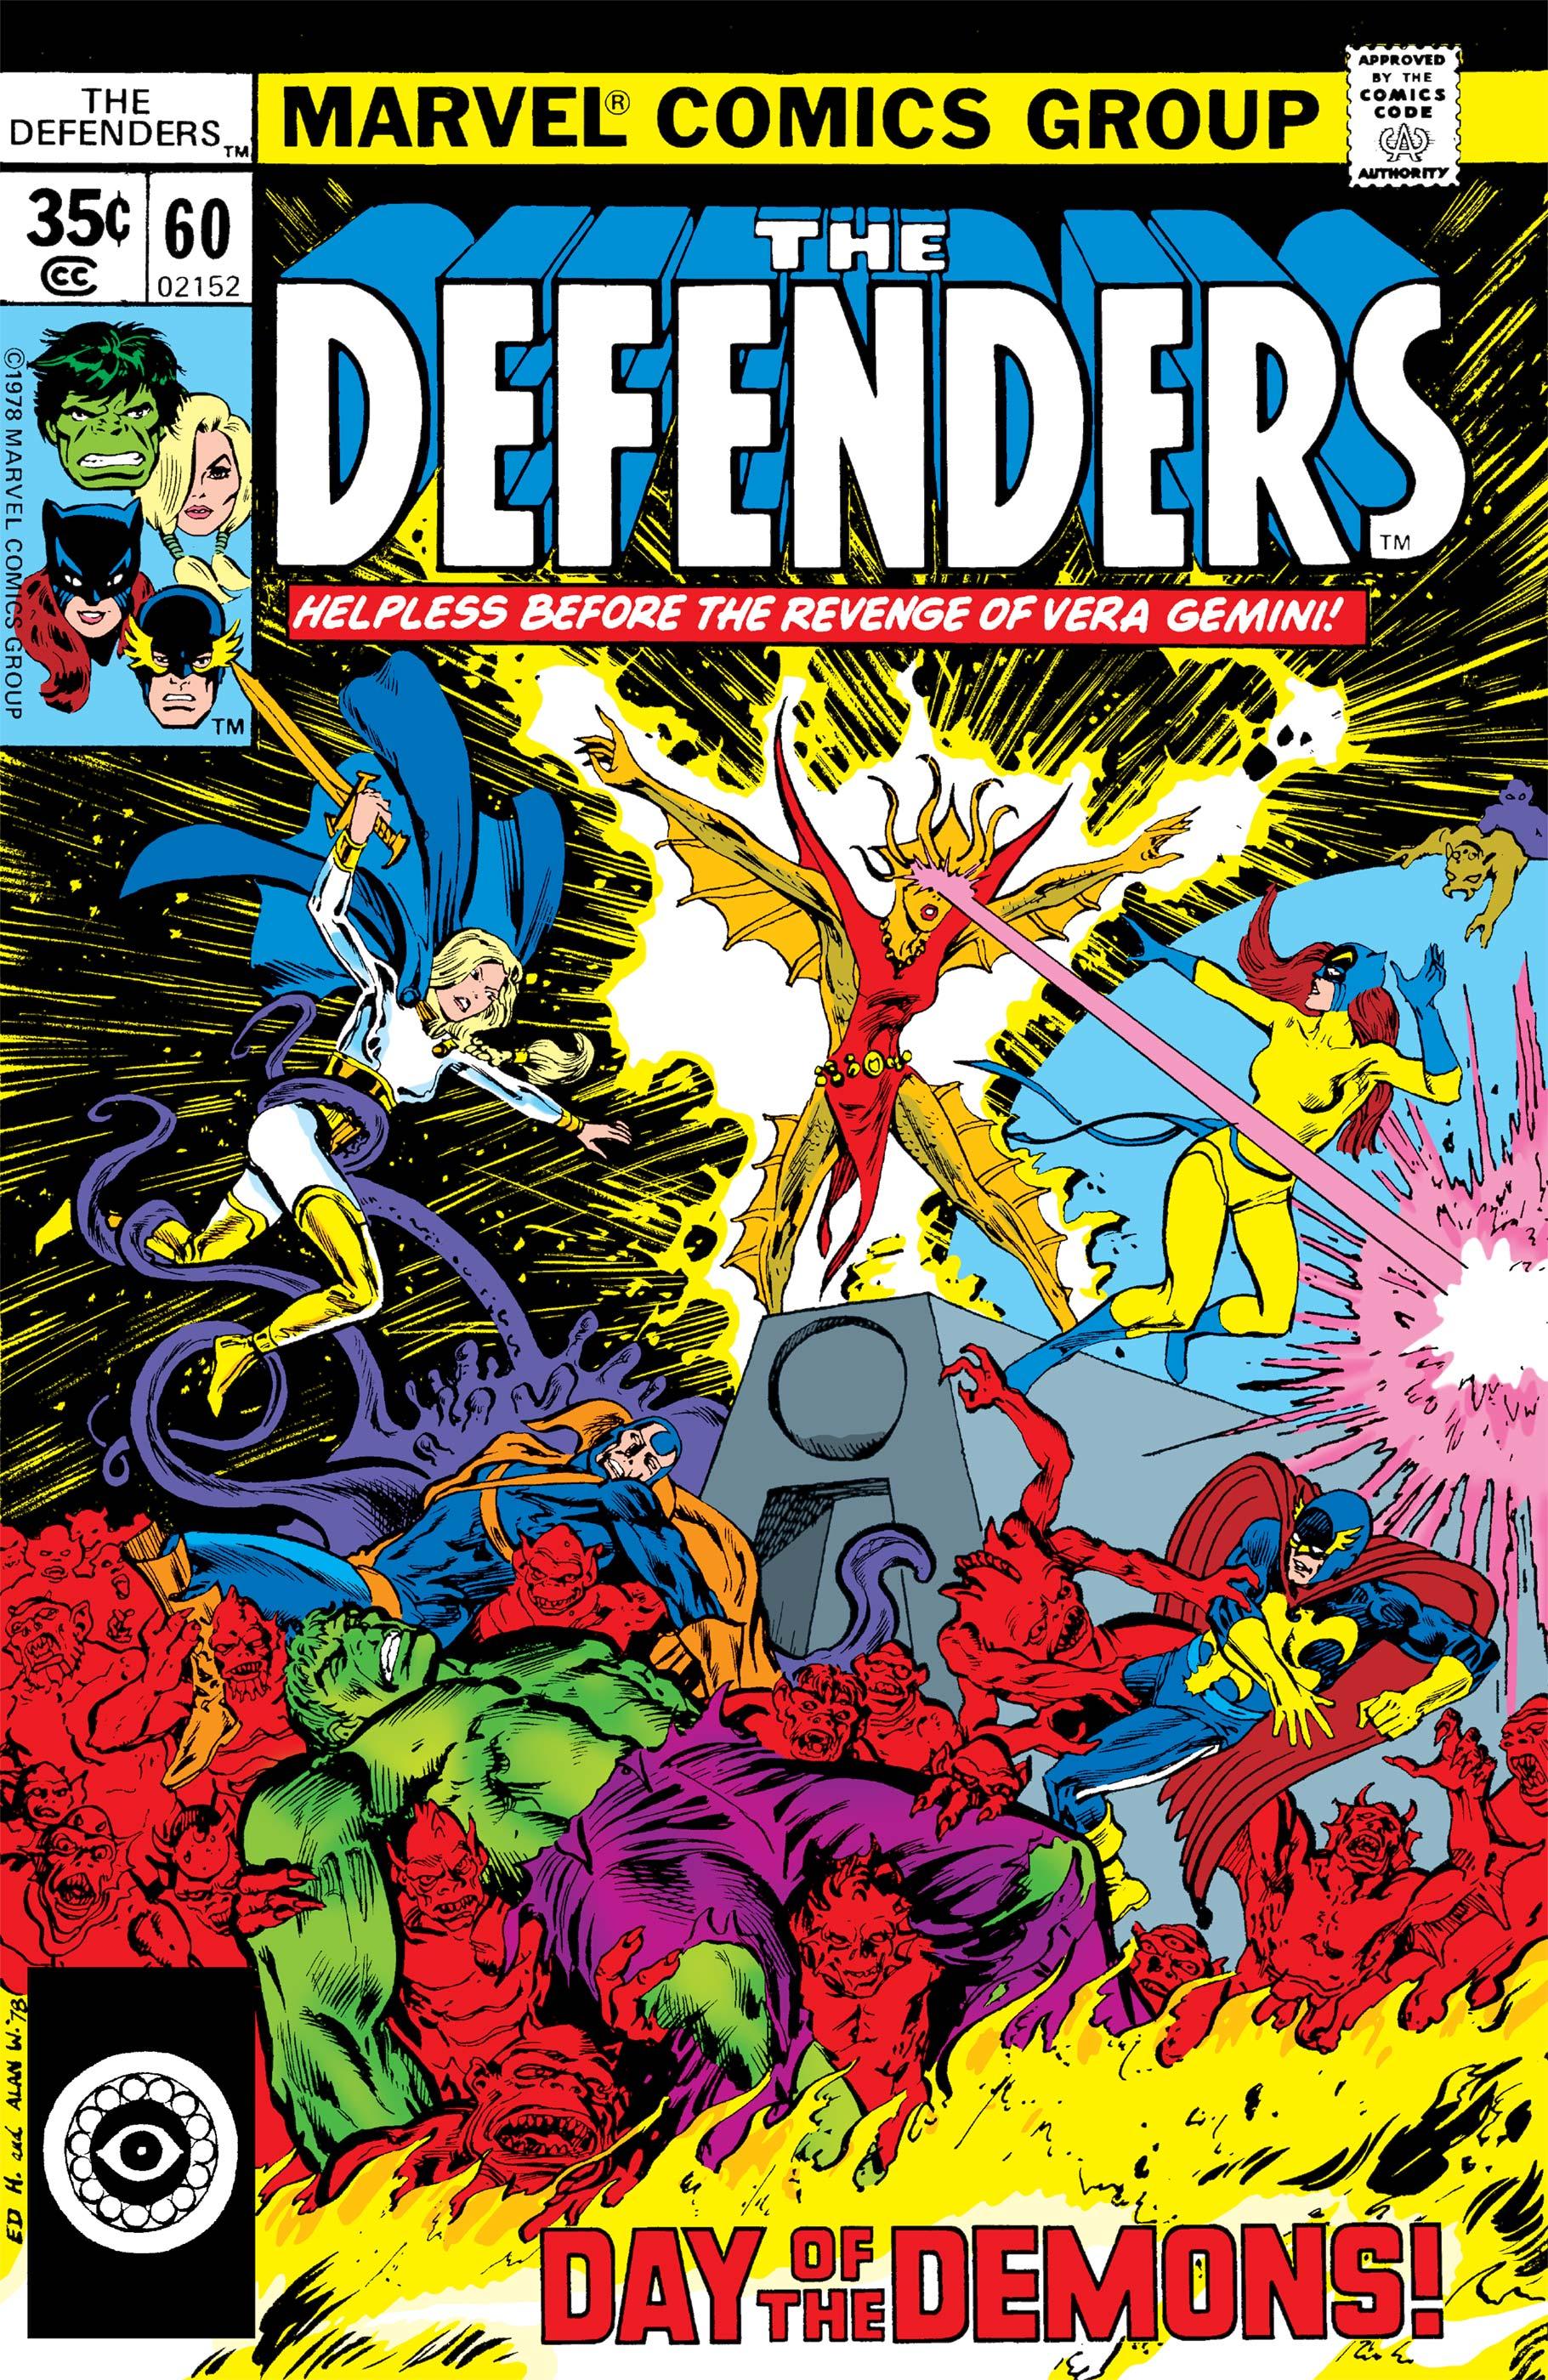 Defenders (1972) #60